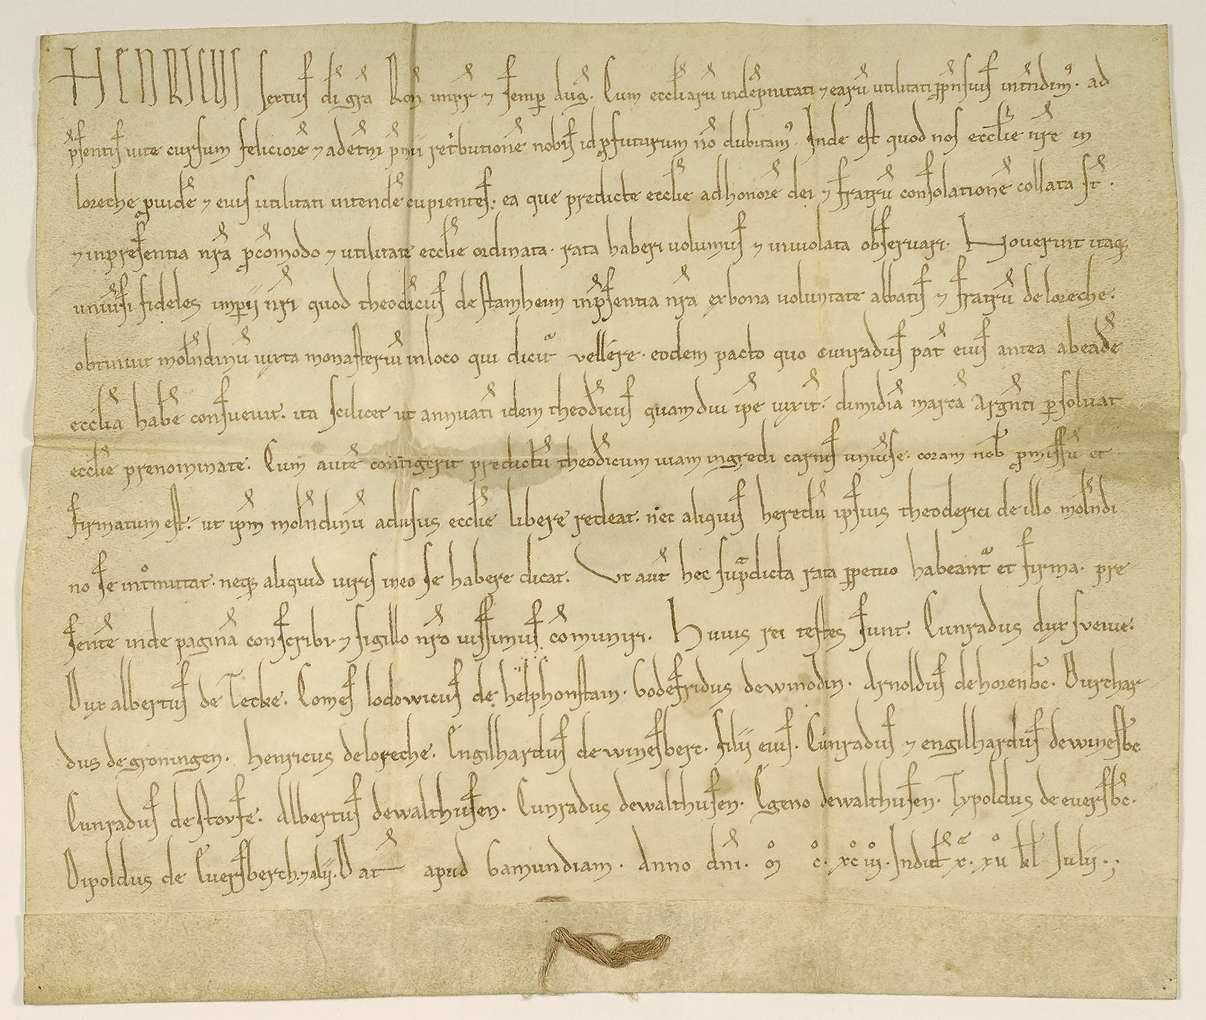 Kaiser Heinrich VI. bestätigt die Verleihung einer Mühle des Klosters Lorch an Dietrich von Stammheim gegen einen jährlichen Zins auf dessen Lebenszeit., Bild 1